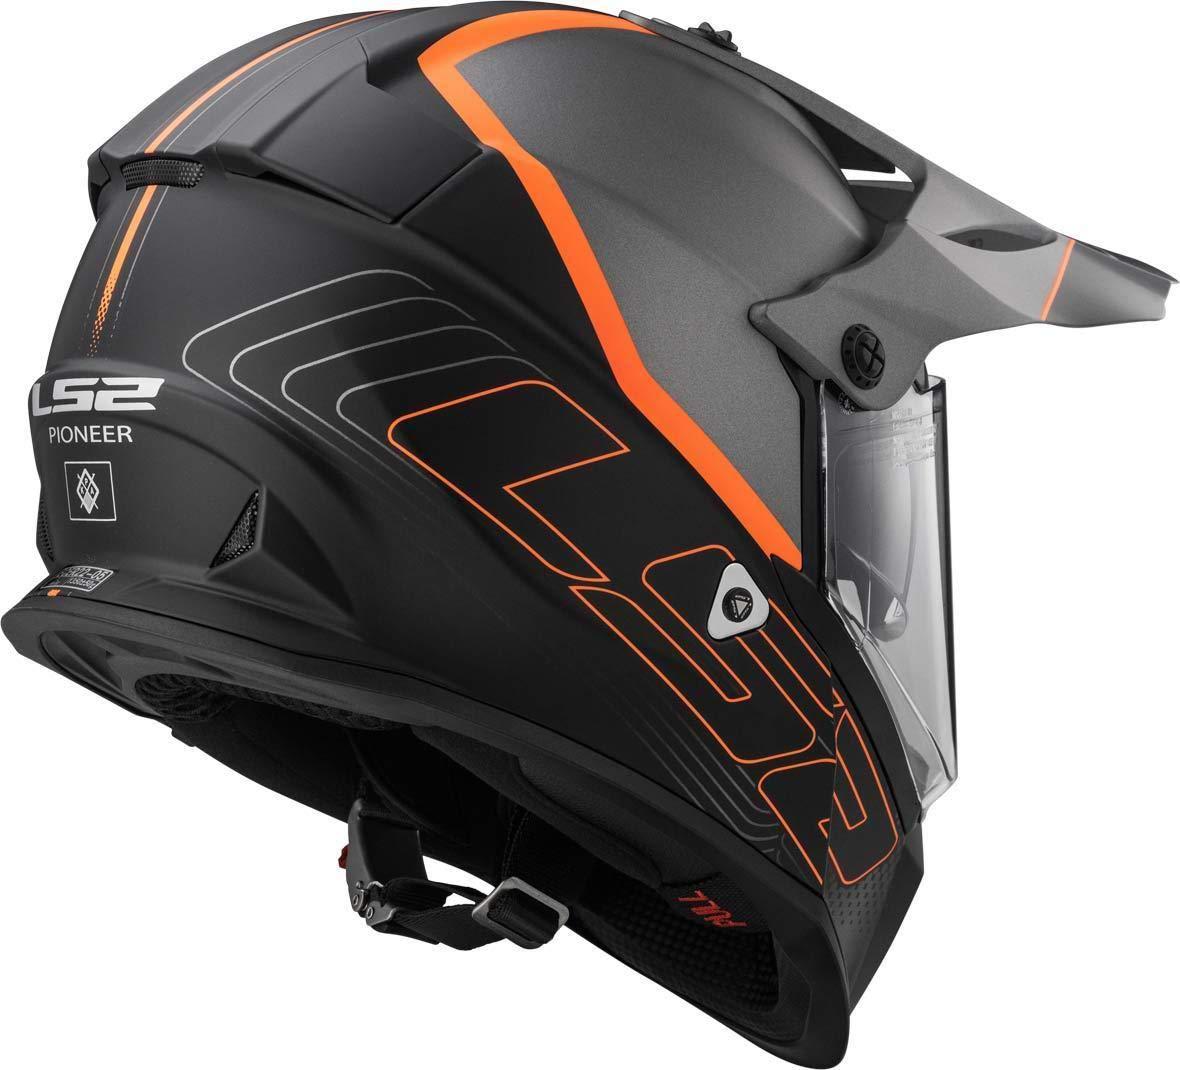 Matt Black Titanium LS2/helmet moto mx436/Pioneer Element S